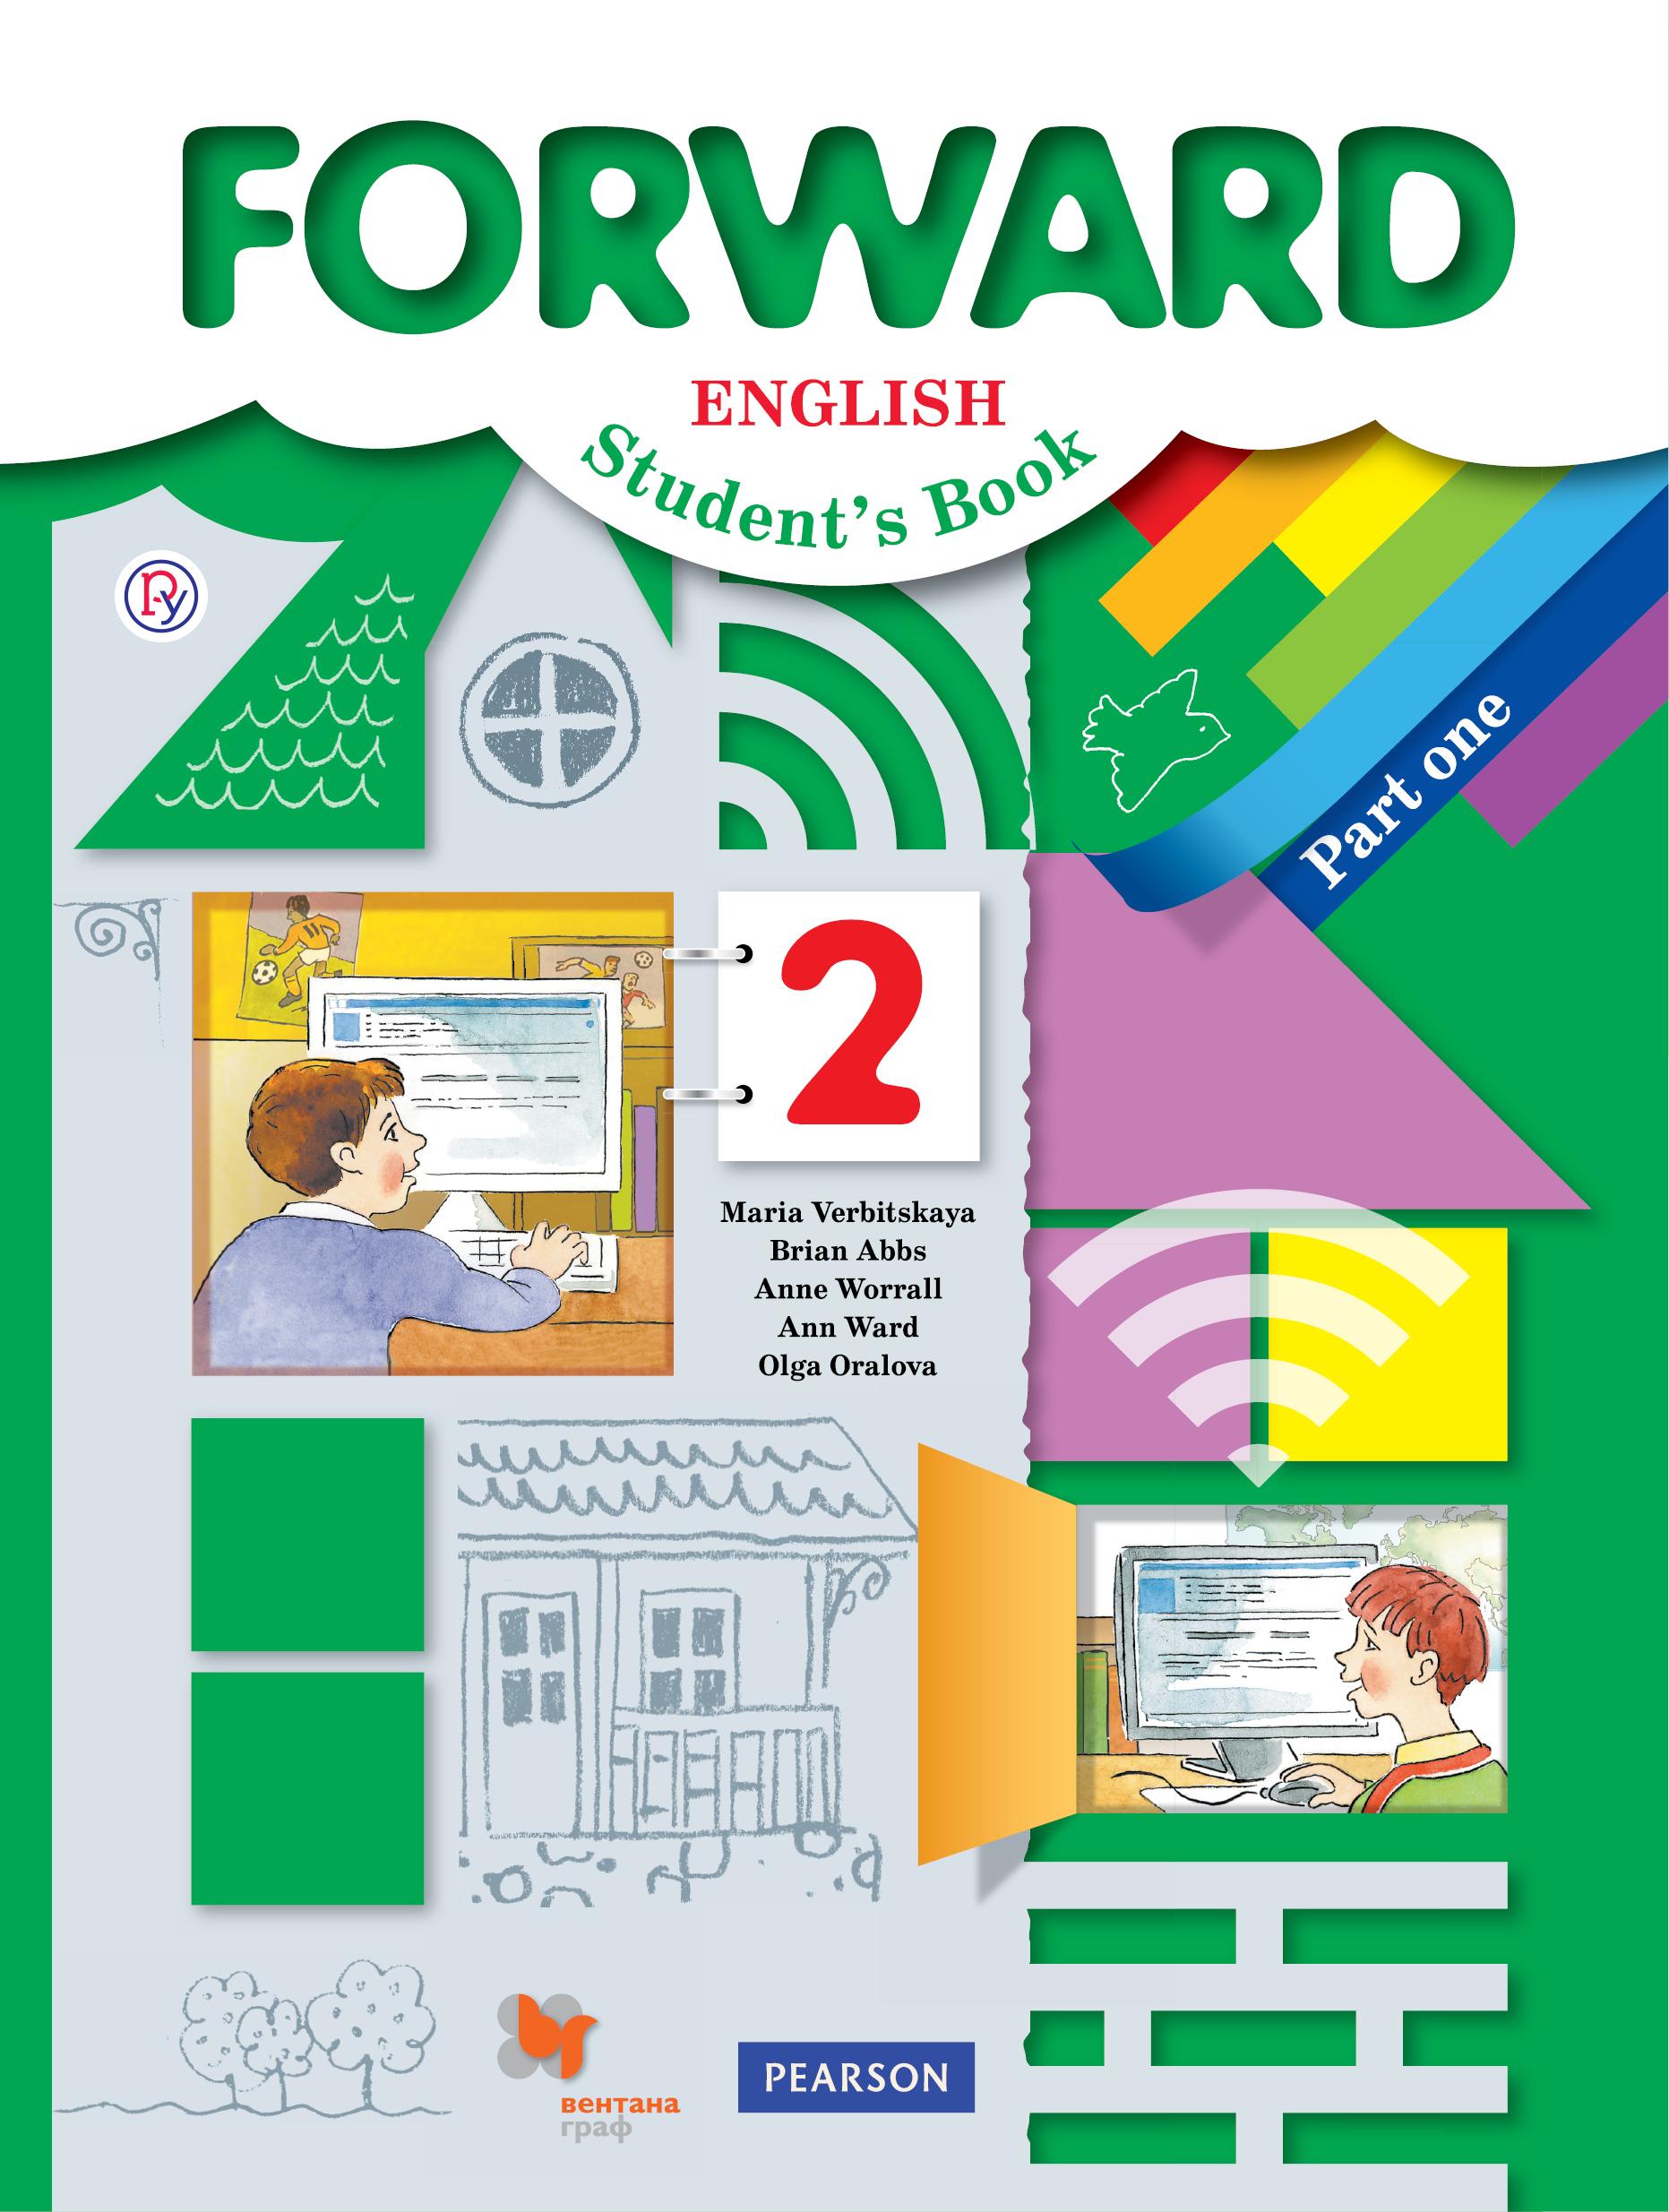 английский 5 класс гдз вербицкая учебник 2 часть ответы фгос